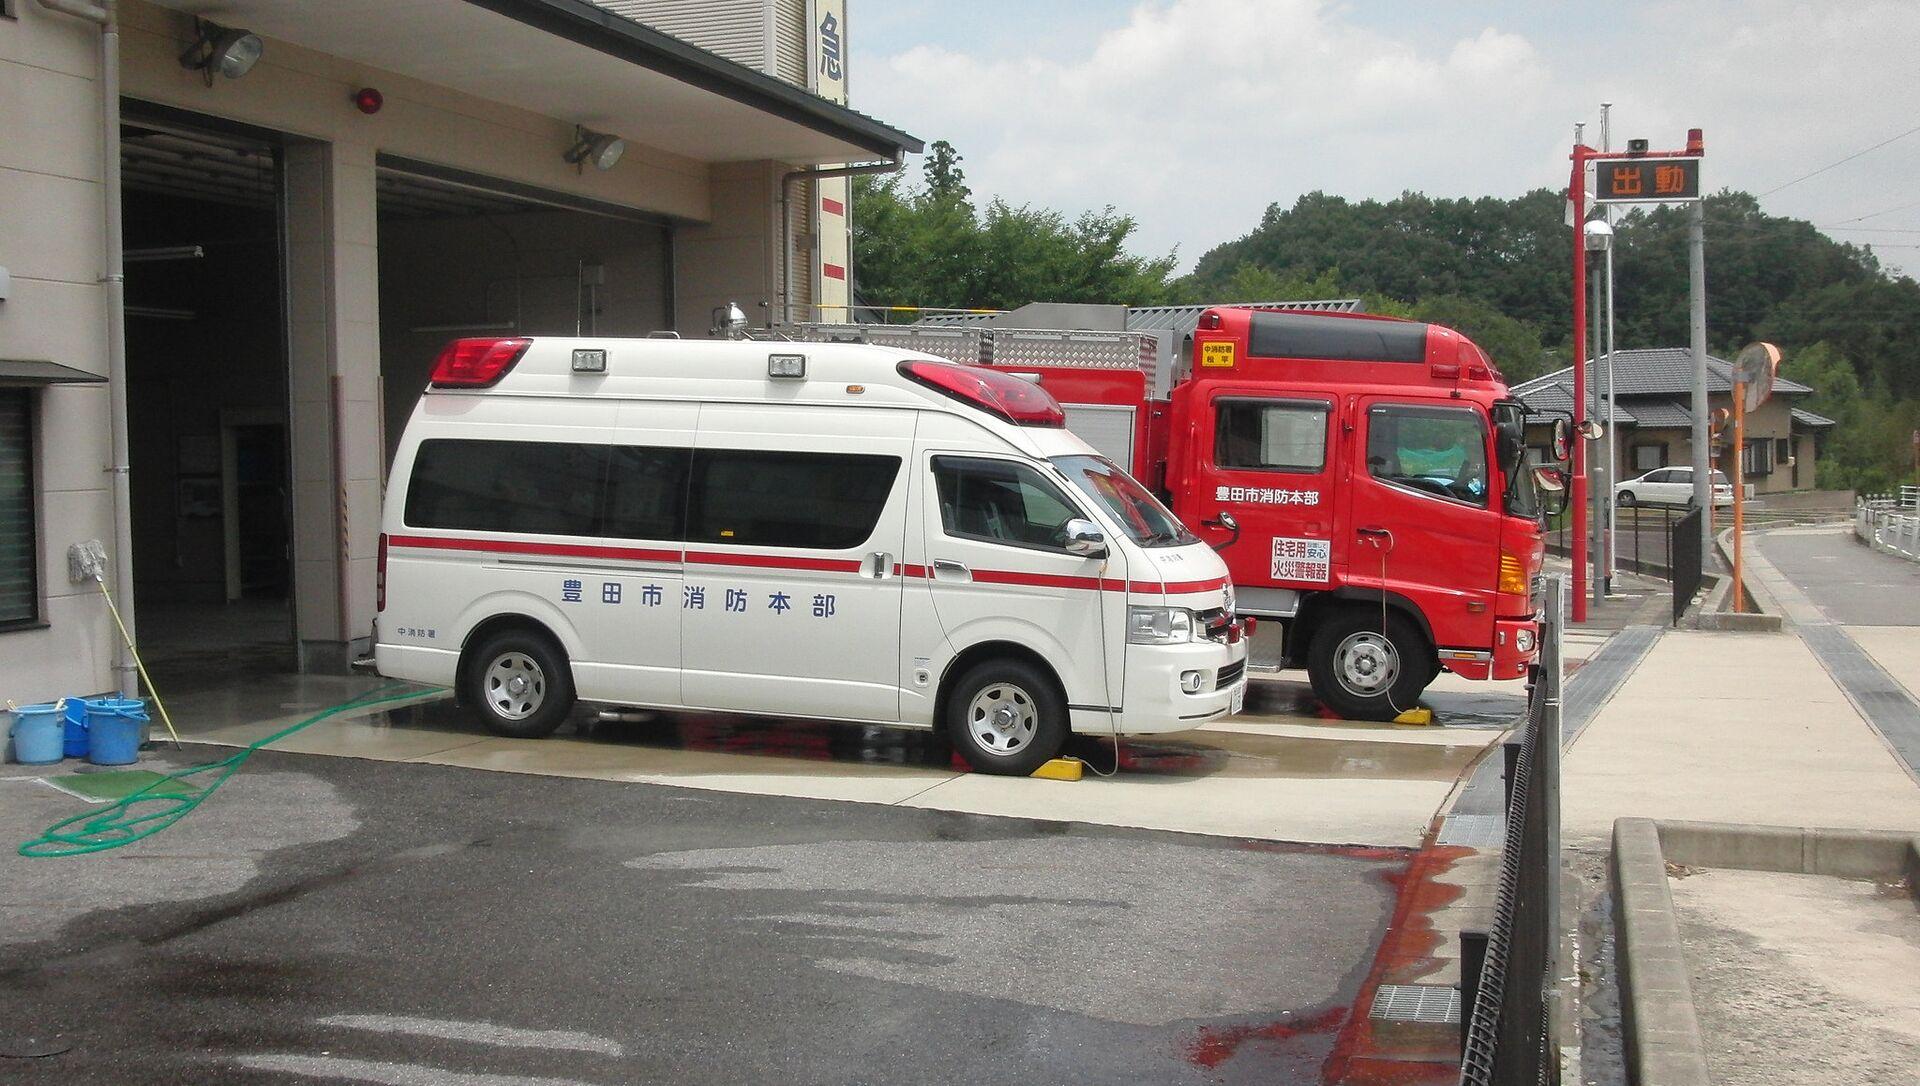 Ambulanza e furgone dei vigili del fuoco in Giappone - Sputnik Italia, 1920, 14.03.2021